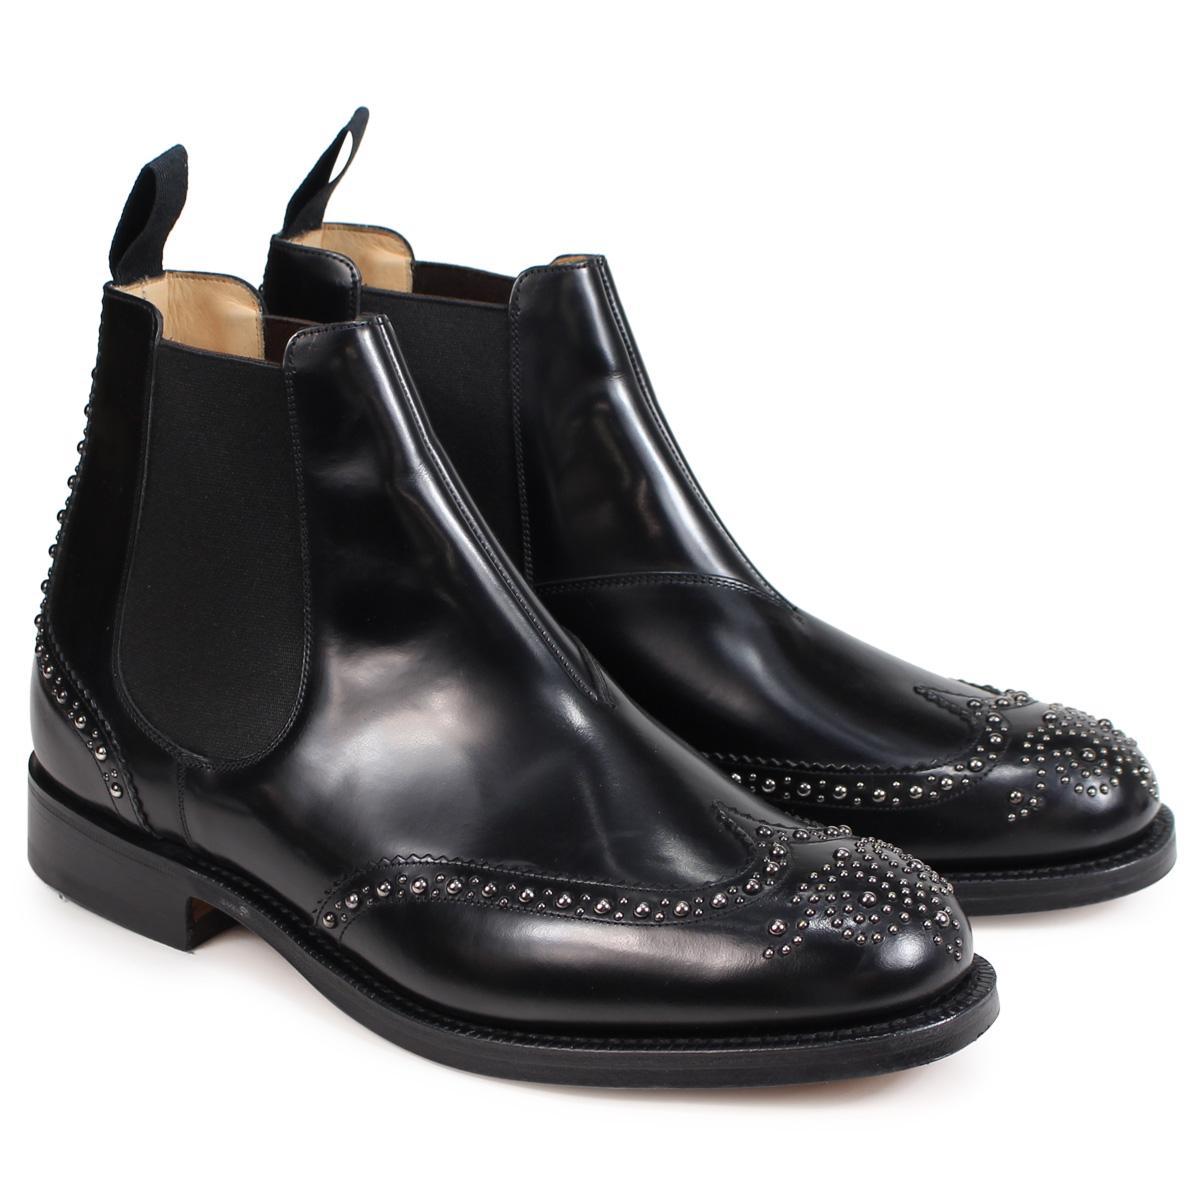 【訳あり】 【BOXなし】 チャーチ Churchs 靴 ケッツビー 81 ブーツ サイドゴア ショートブーツ メンズ KETSBY 81 MET POLISHED BINDER ブラック 黒 ETB009 【返品不可】